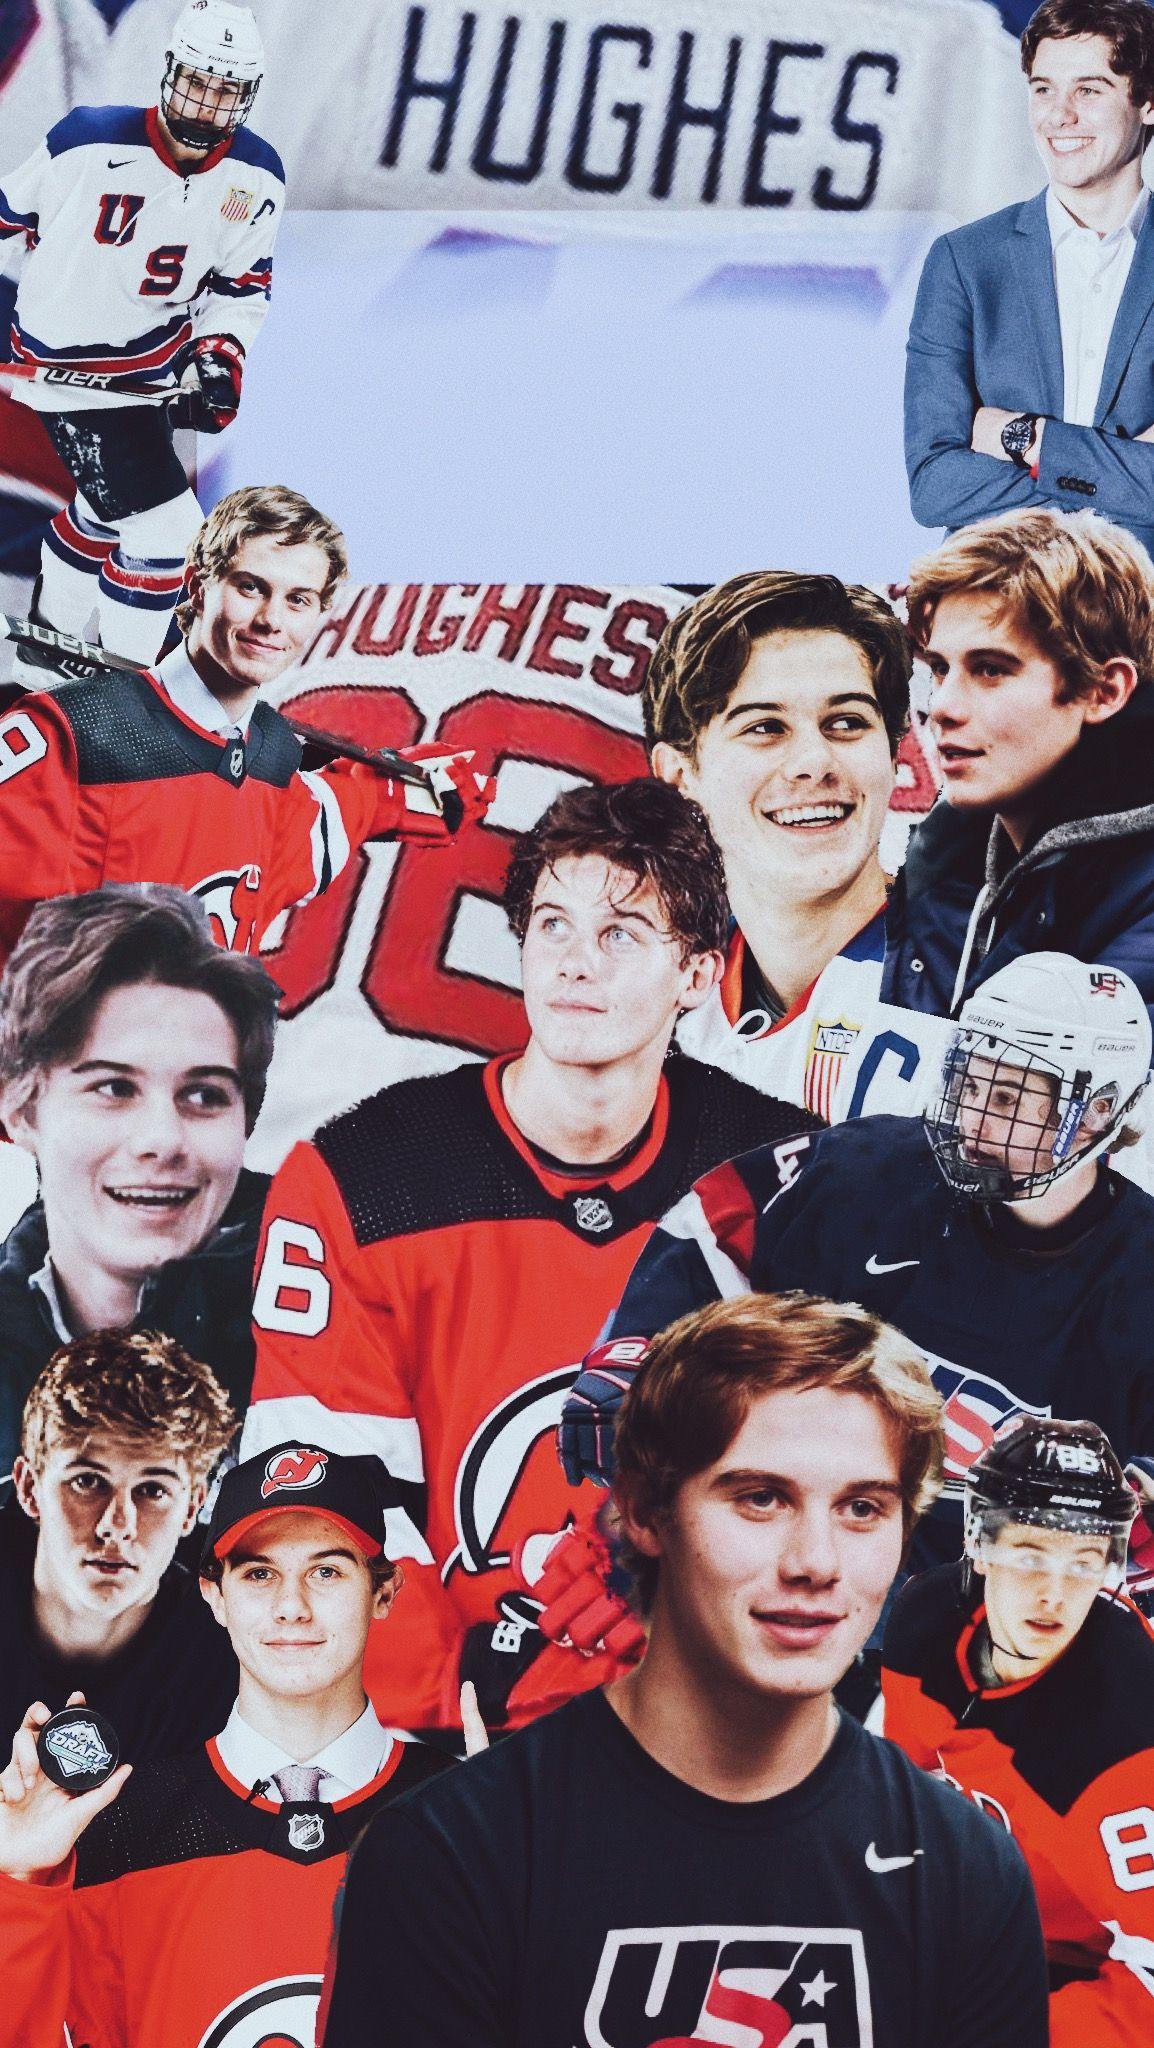 iphone wallpaper of jack hughes Hockey baby, Hot hockey